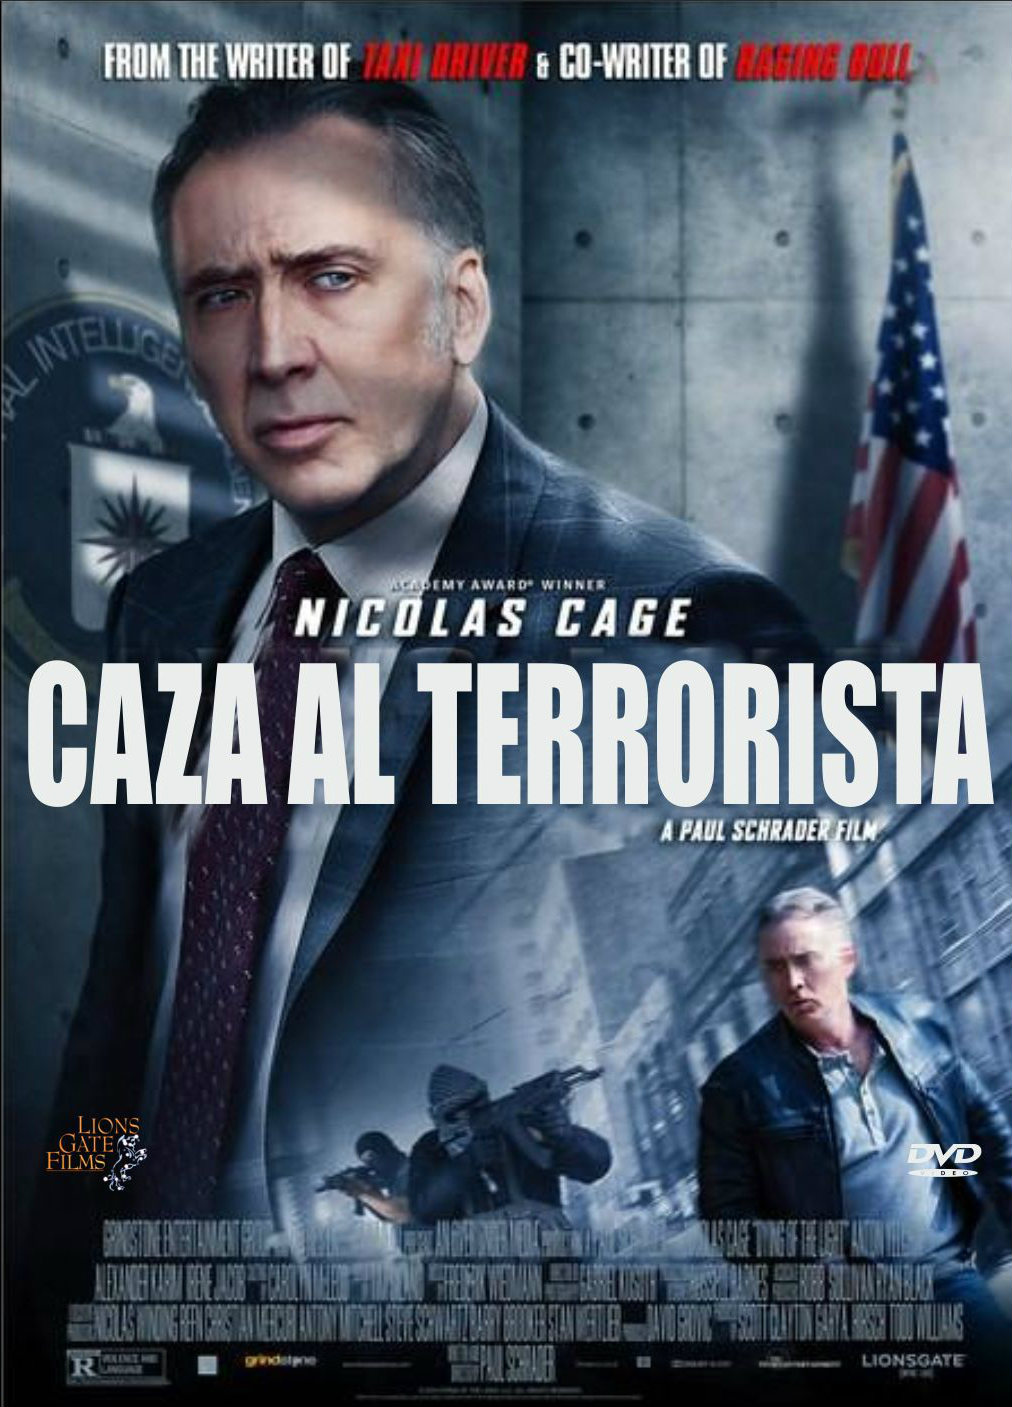 Caza al terrorista (2014)